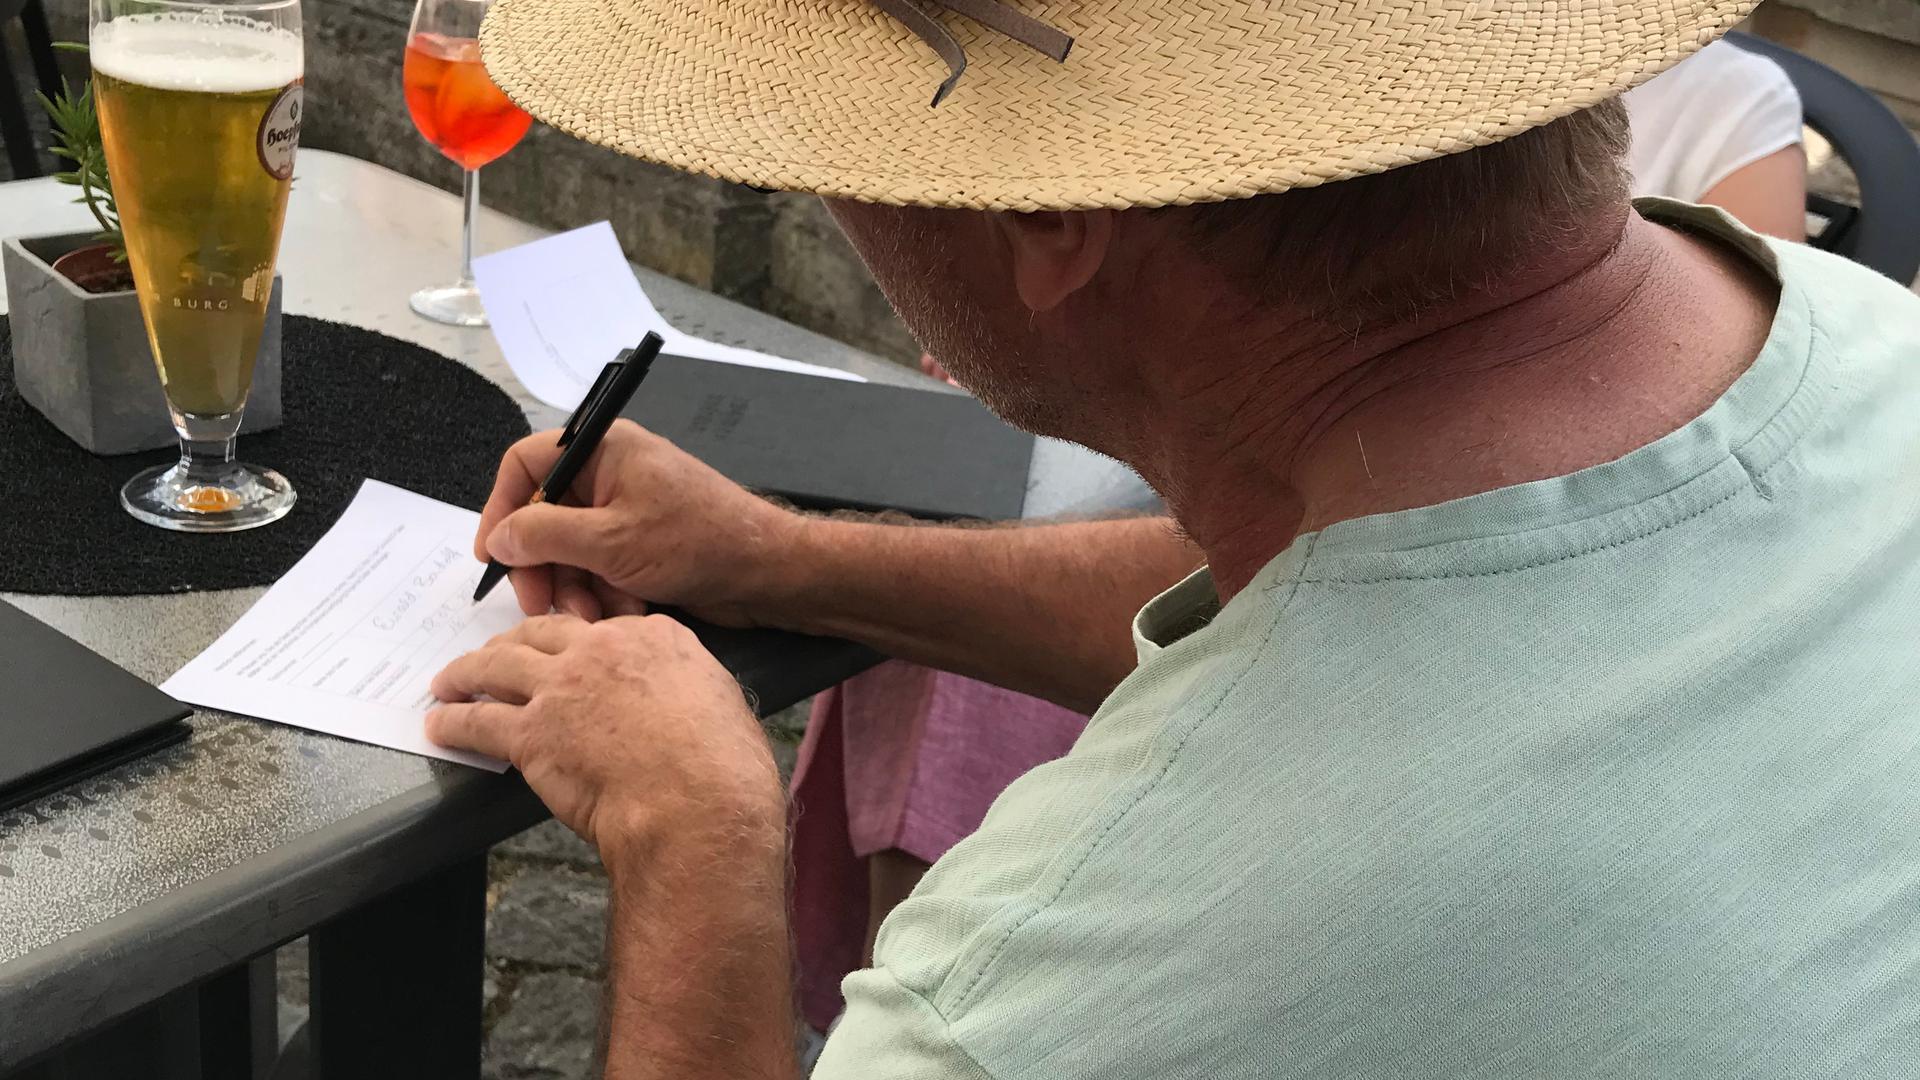 Mann mit Hut füllt Zettel aus